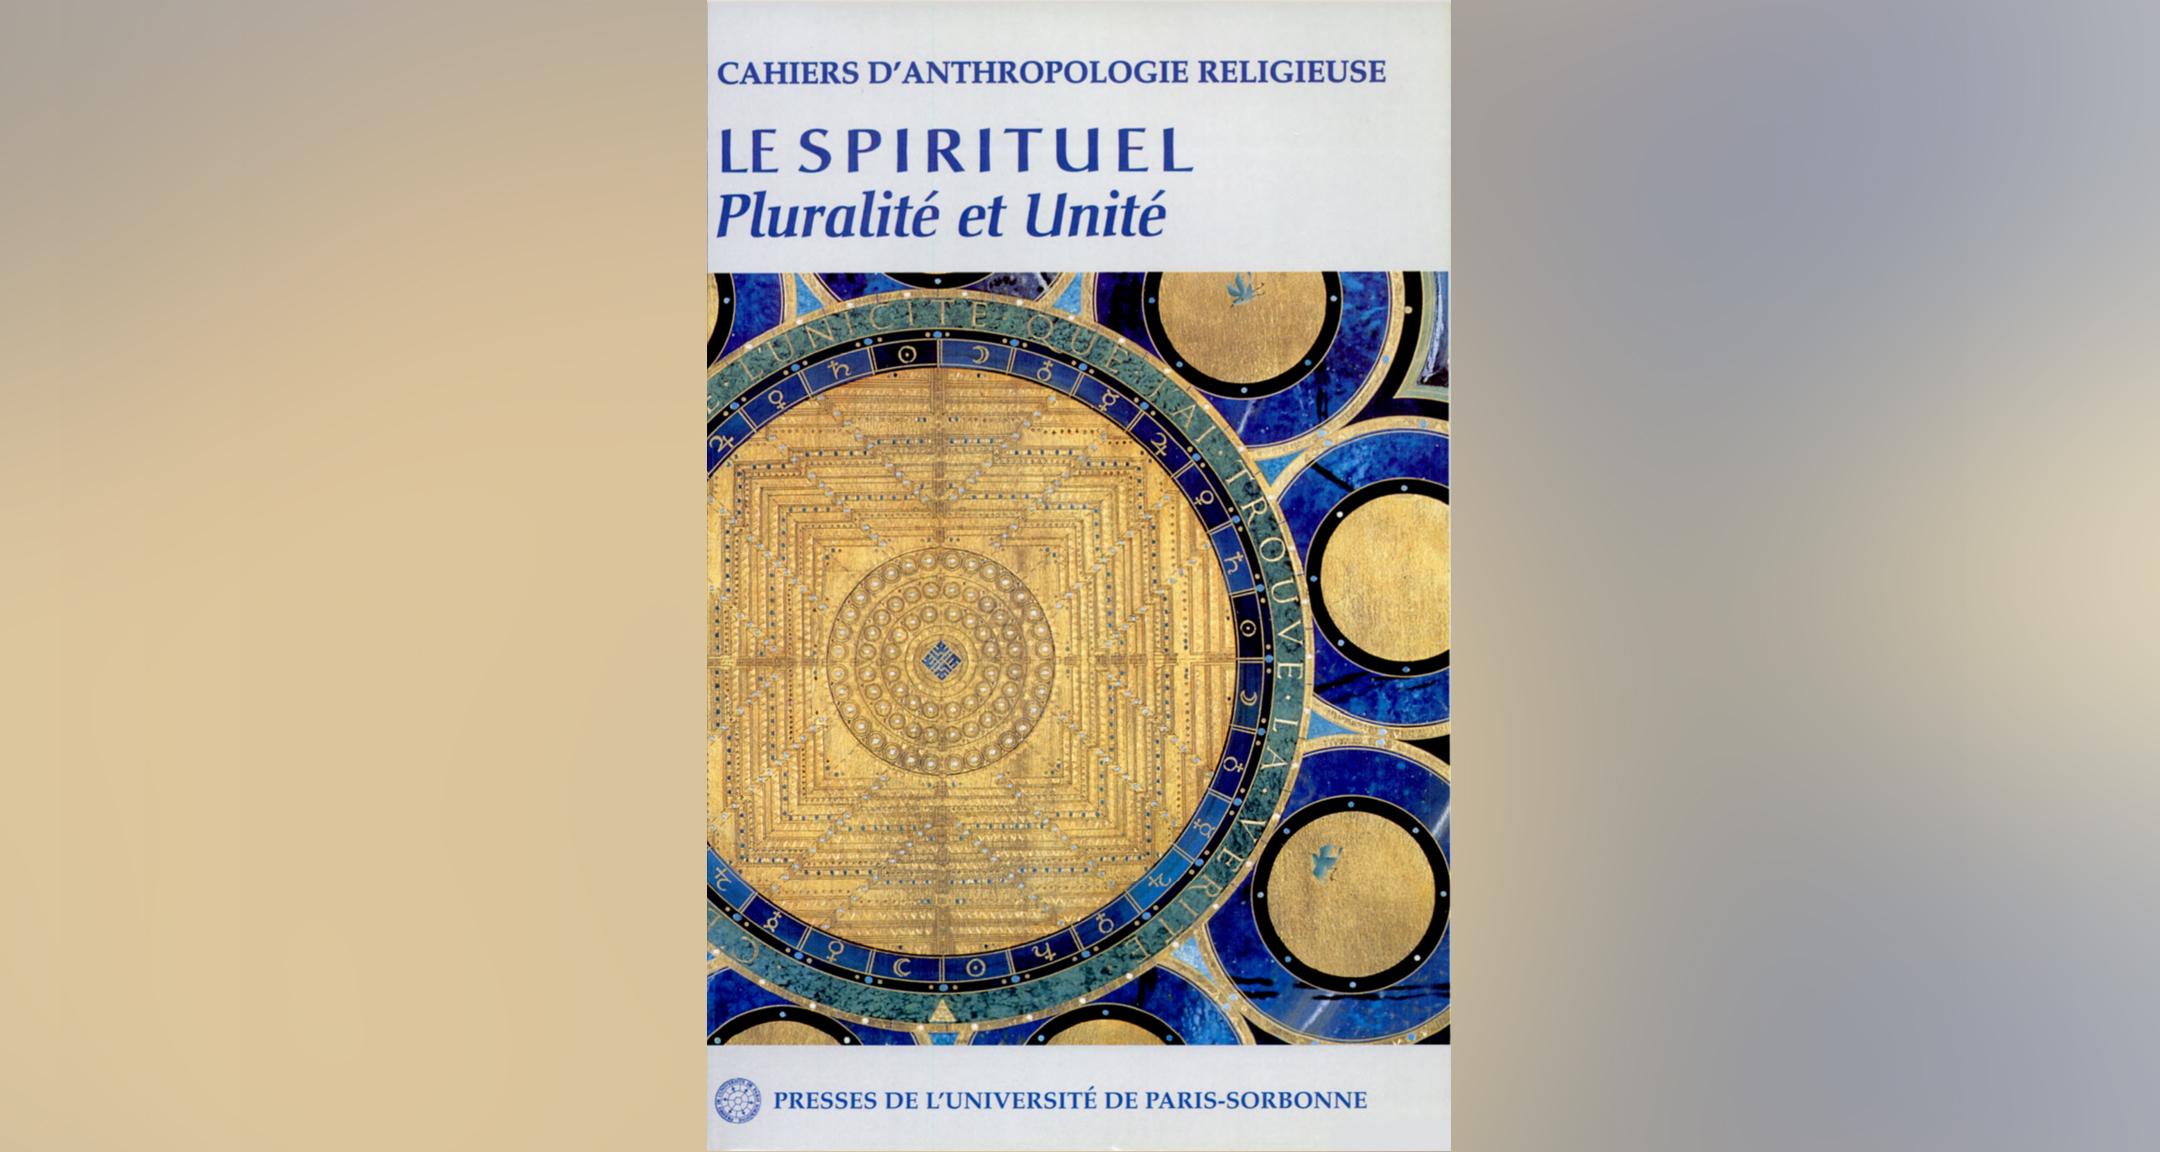 Le spirituel - Pluralité et Unité